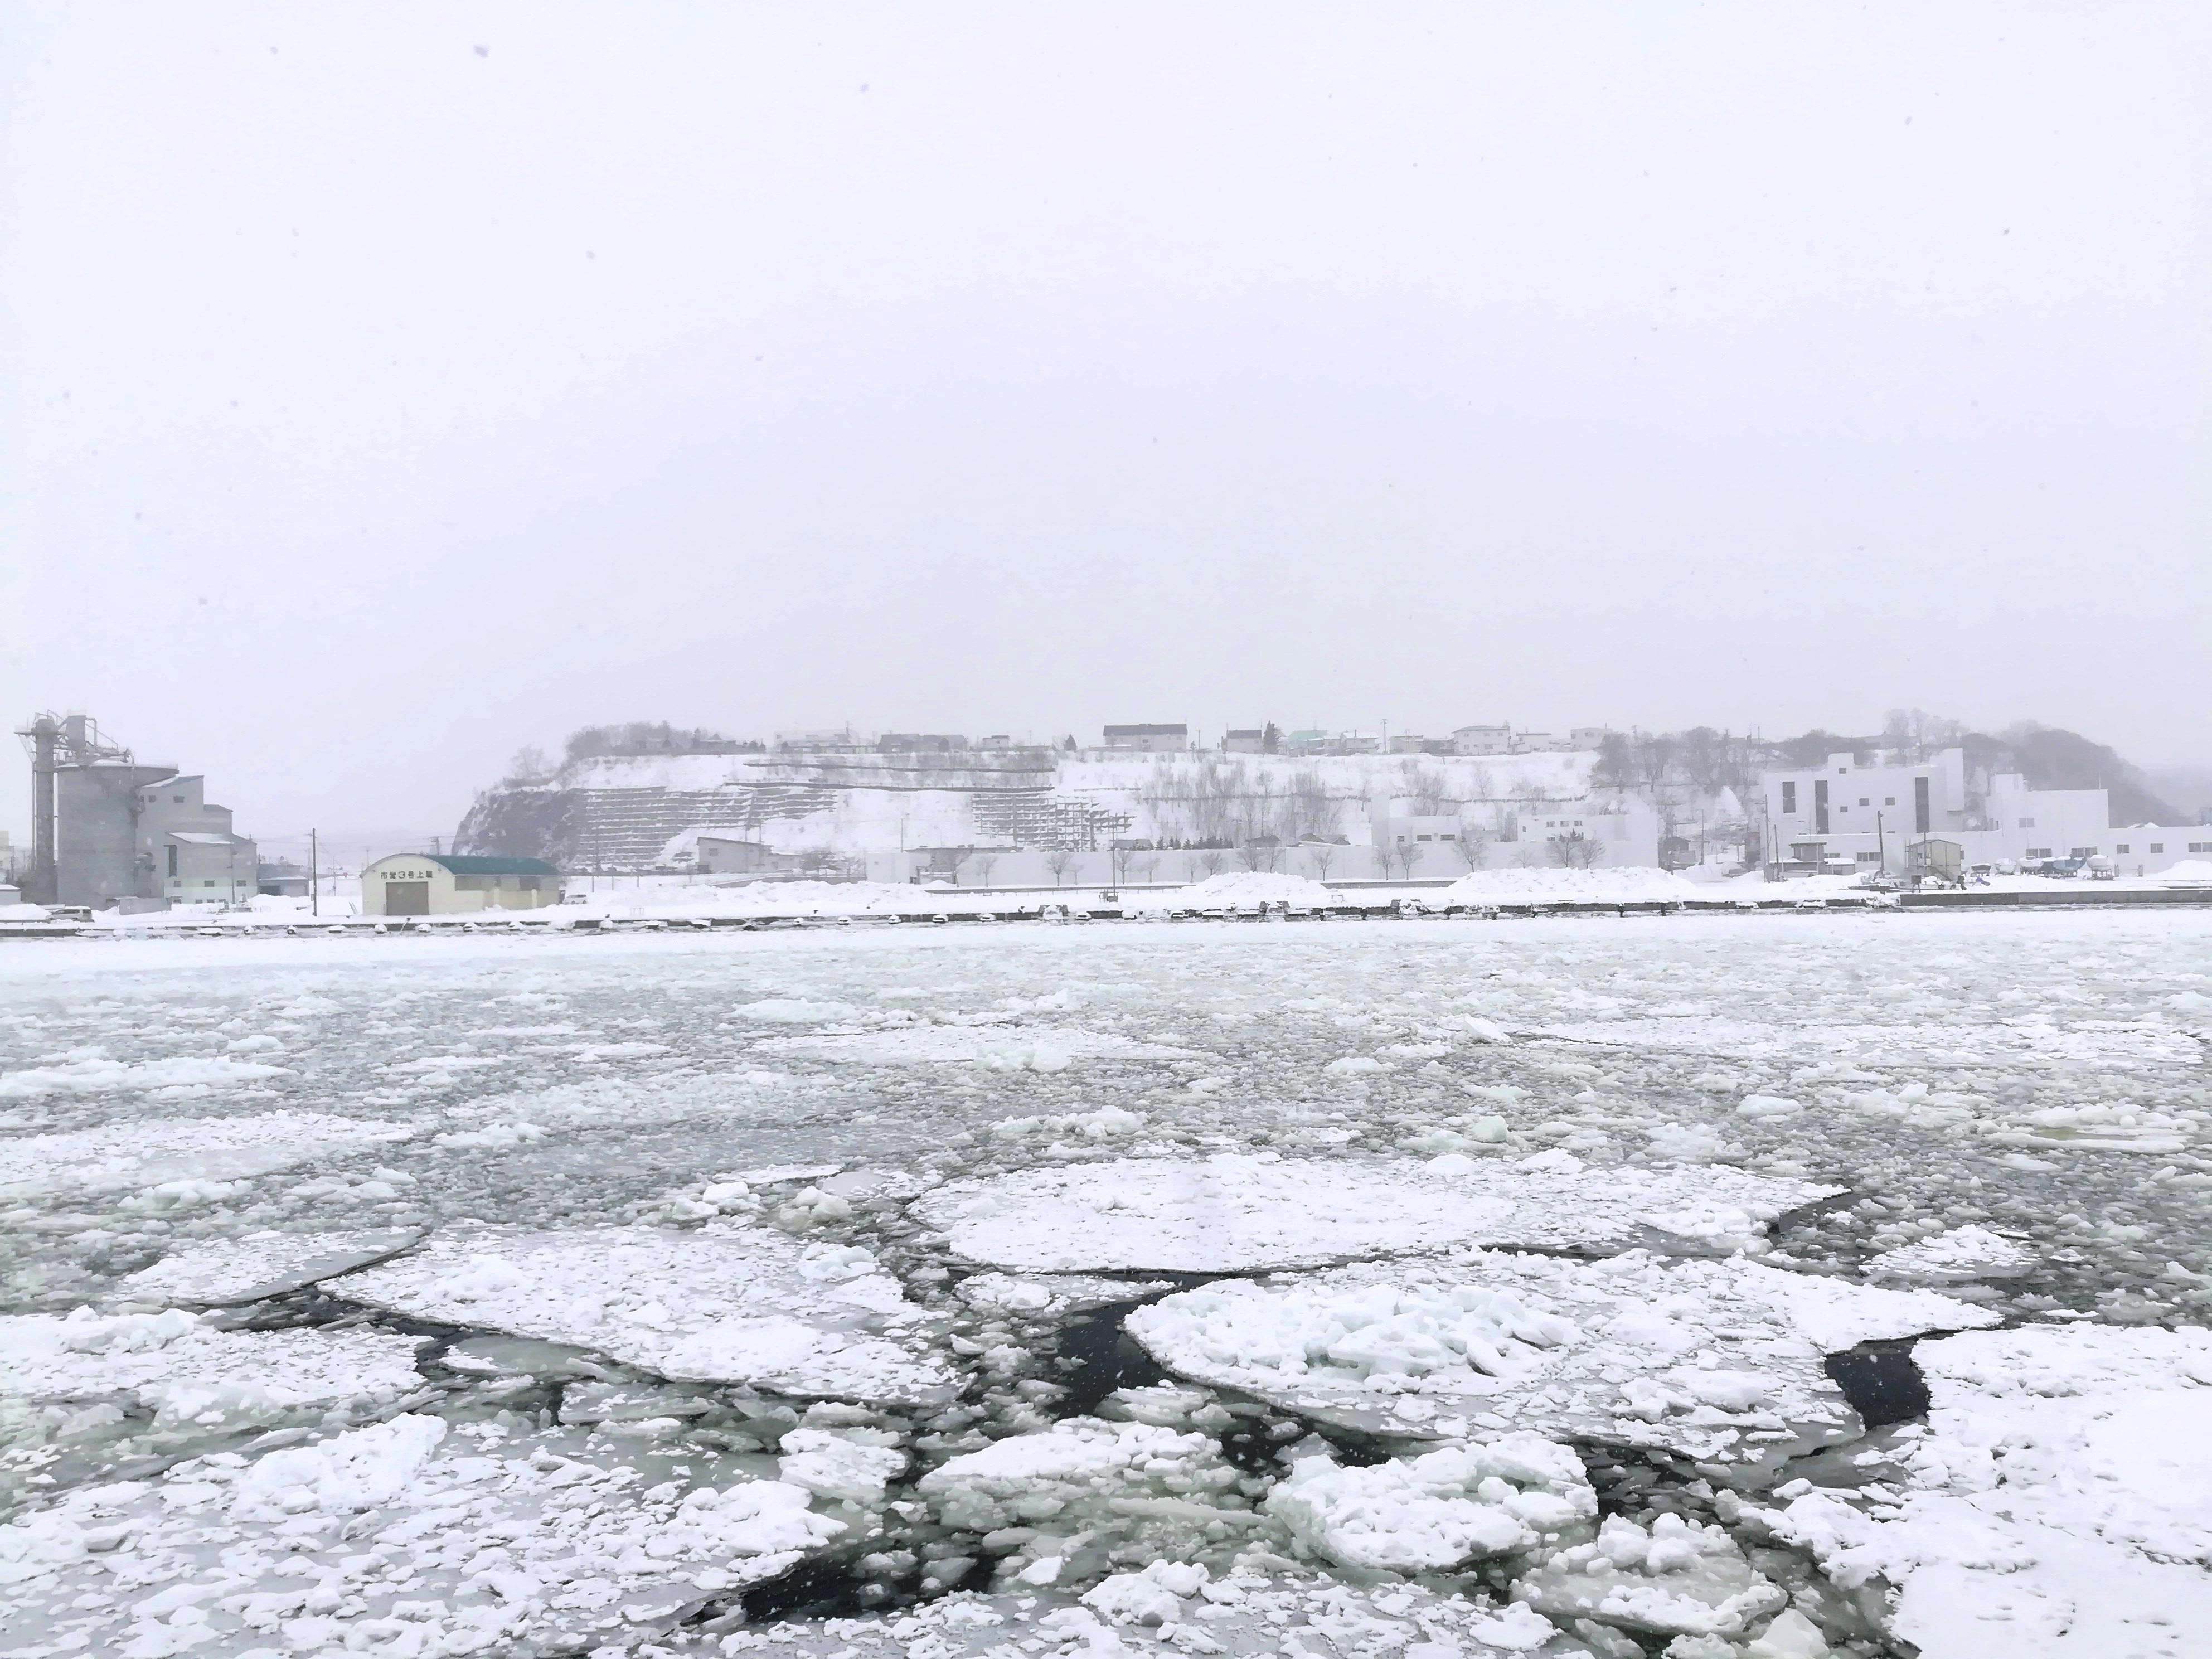 Hokkaido Day Tour [Abashiri Drift Ice Sightseeing Cruise & Hokkaido Lunch]